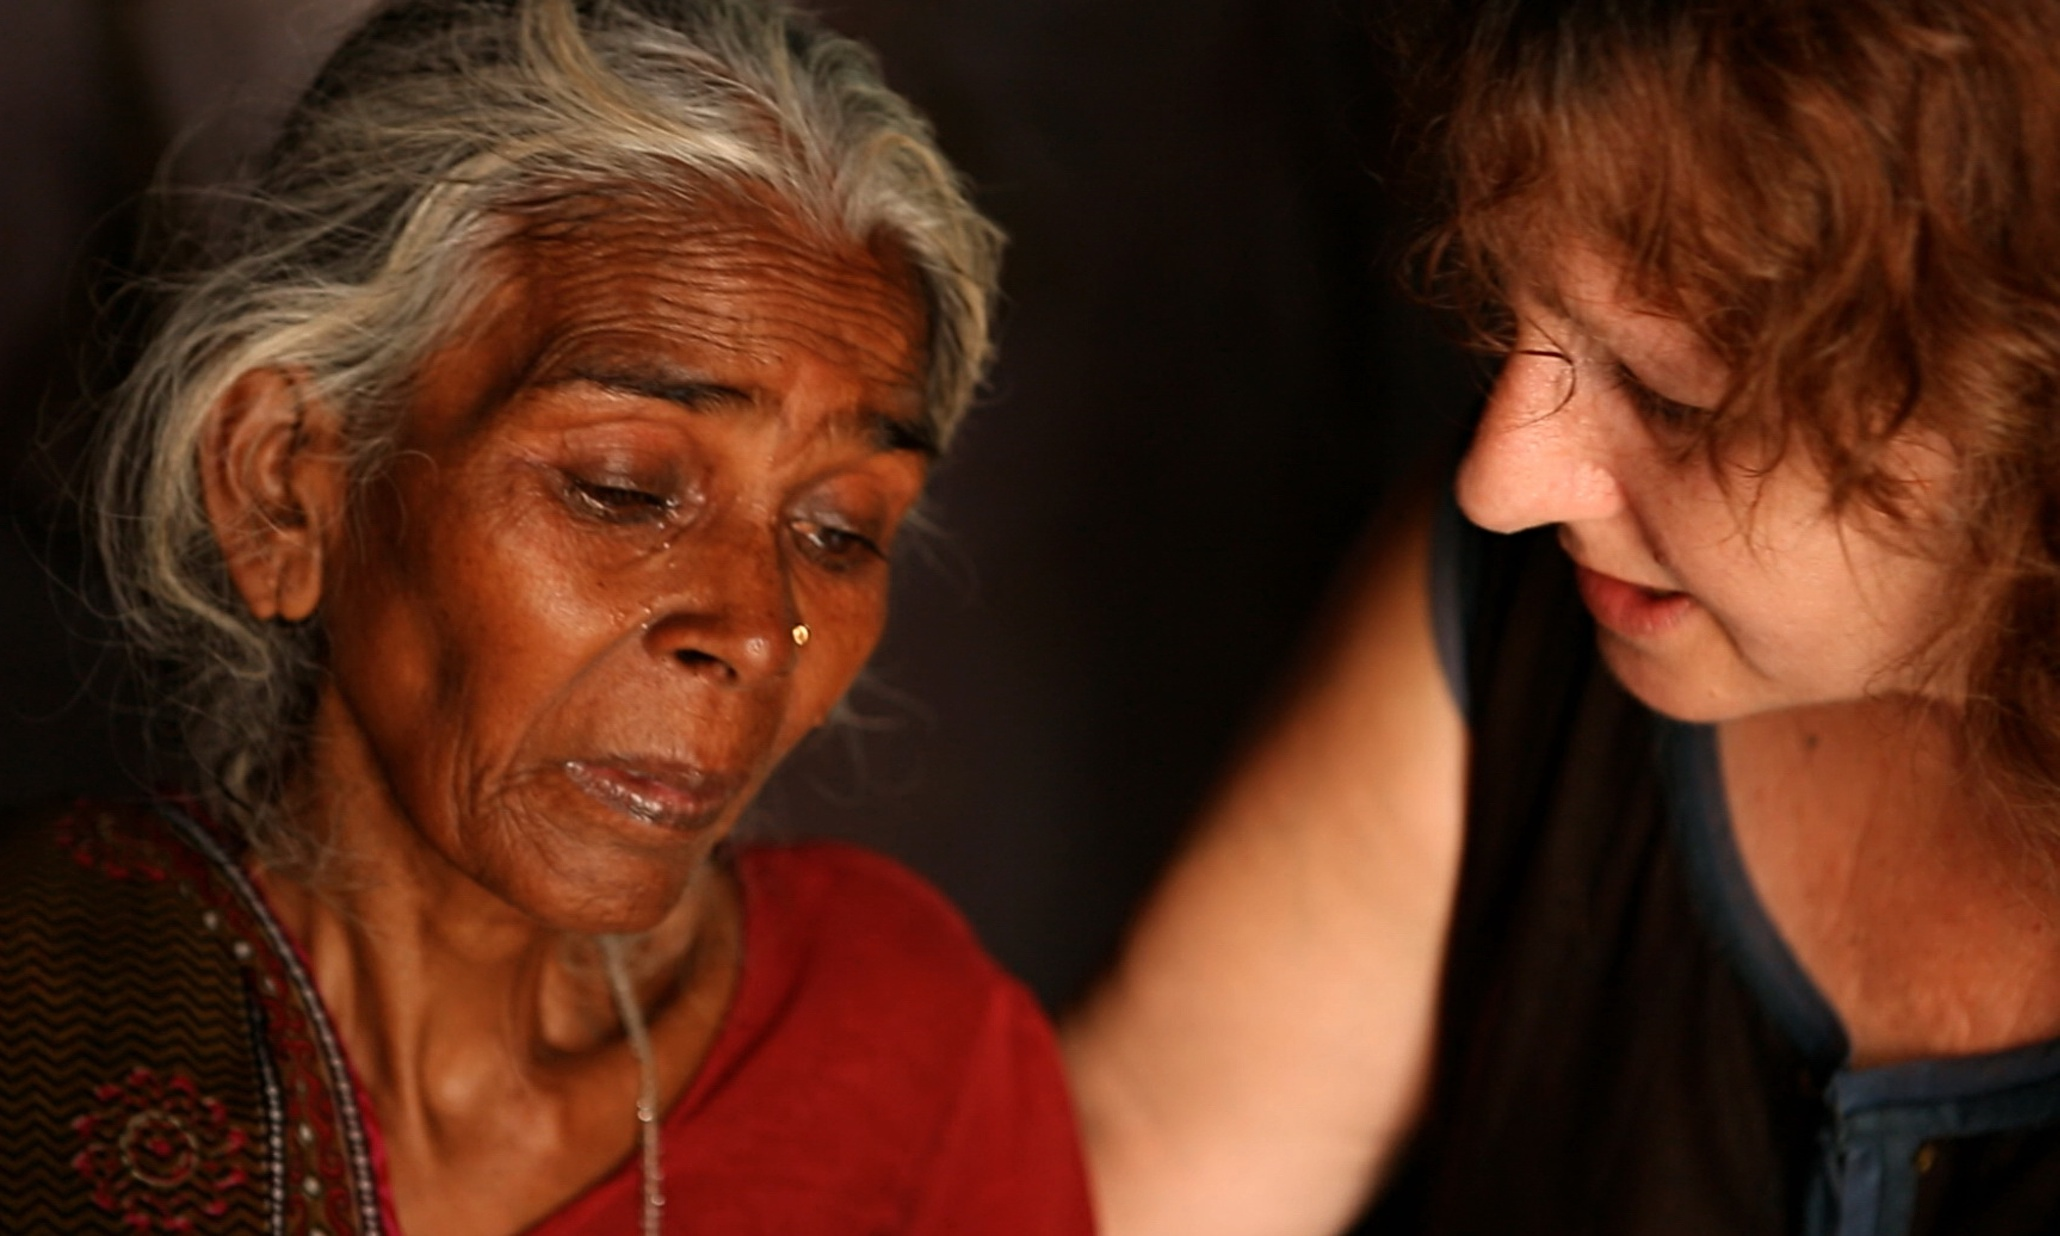 Indias-Daughter-leslee-ud-009.jpg